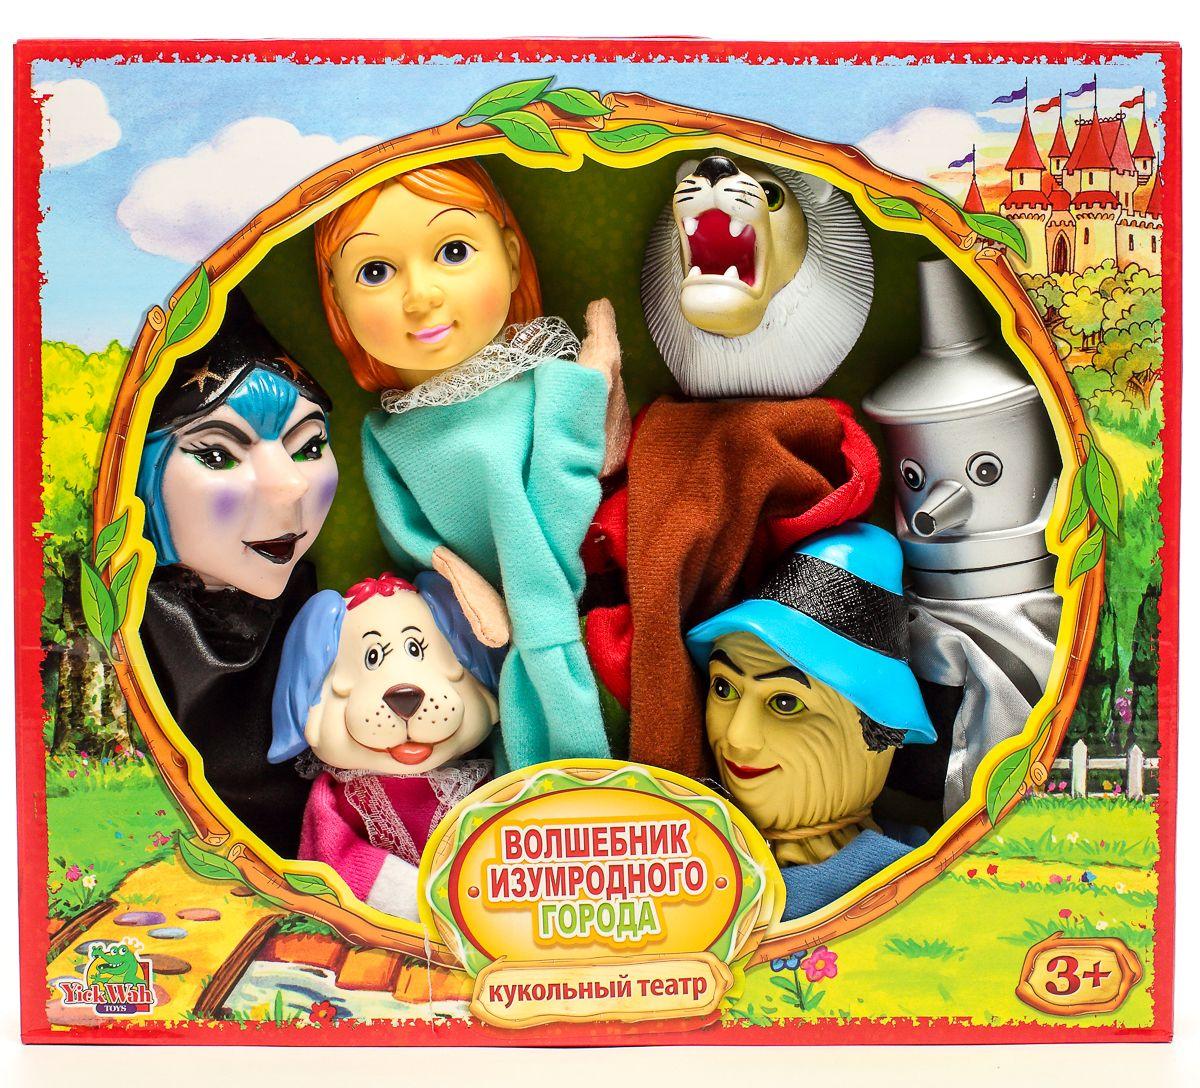 Yick Wah Кукольный театр Волшебник Изумудного города7142/8SКукольный театр создан на основе всем известной сказки.Набор состоит из 6-и кукол-марионеток большого размера,одевающихся на кисть руки.Куклы обладают высокой прочностью,безопасностью.Доставляют малышам масс приятных и радостных эмоций